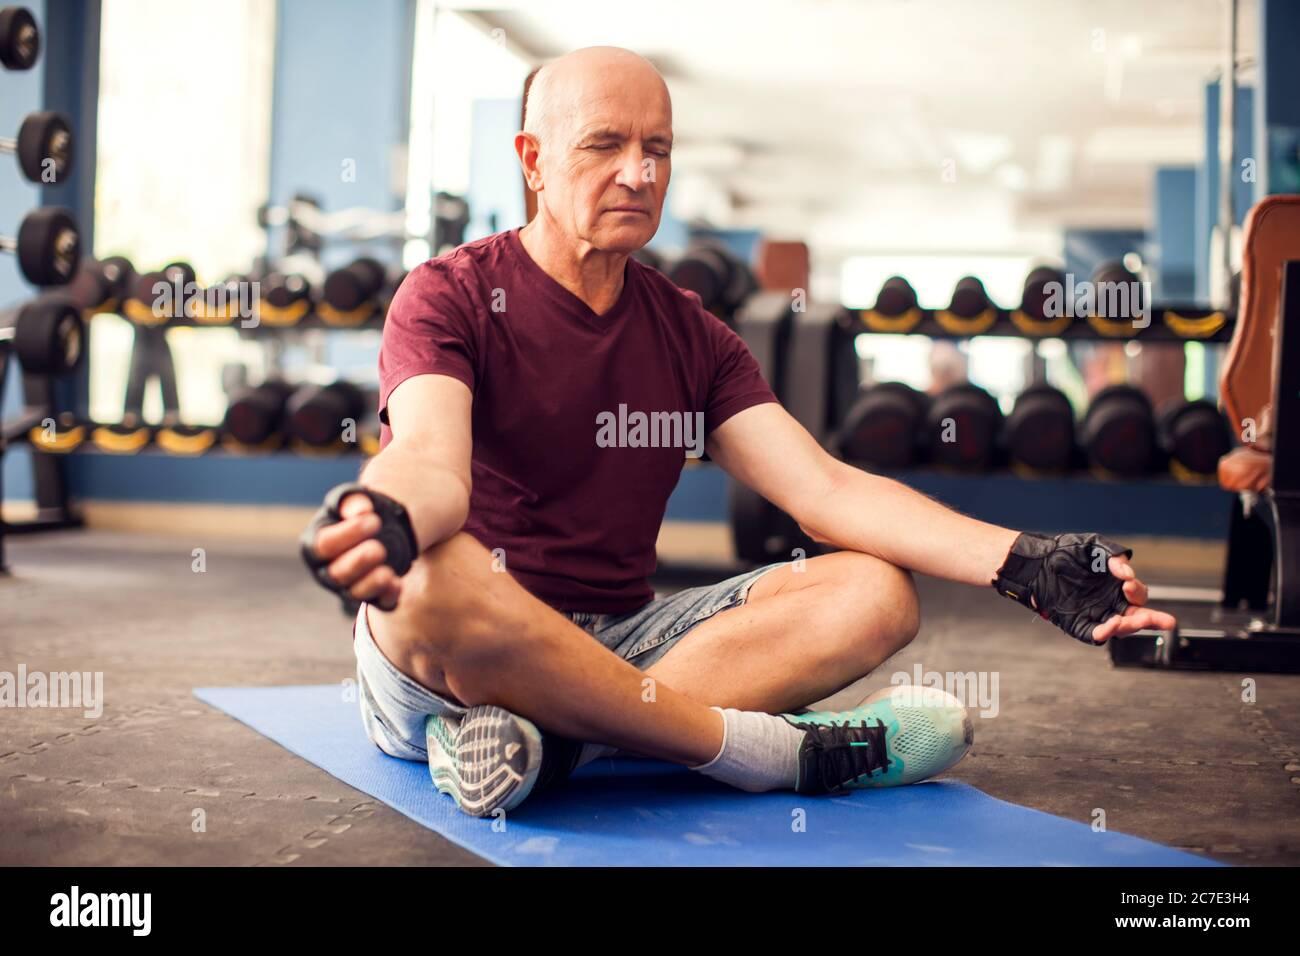 Un retrato de un hombre mayor calvo haciendo ejercicio de relajación en el gimnasio. Personas, salud y estilo de vida Foto de stock